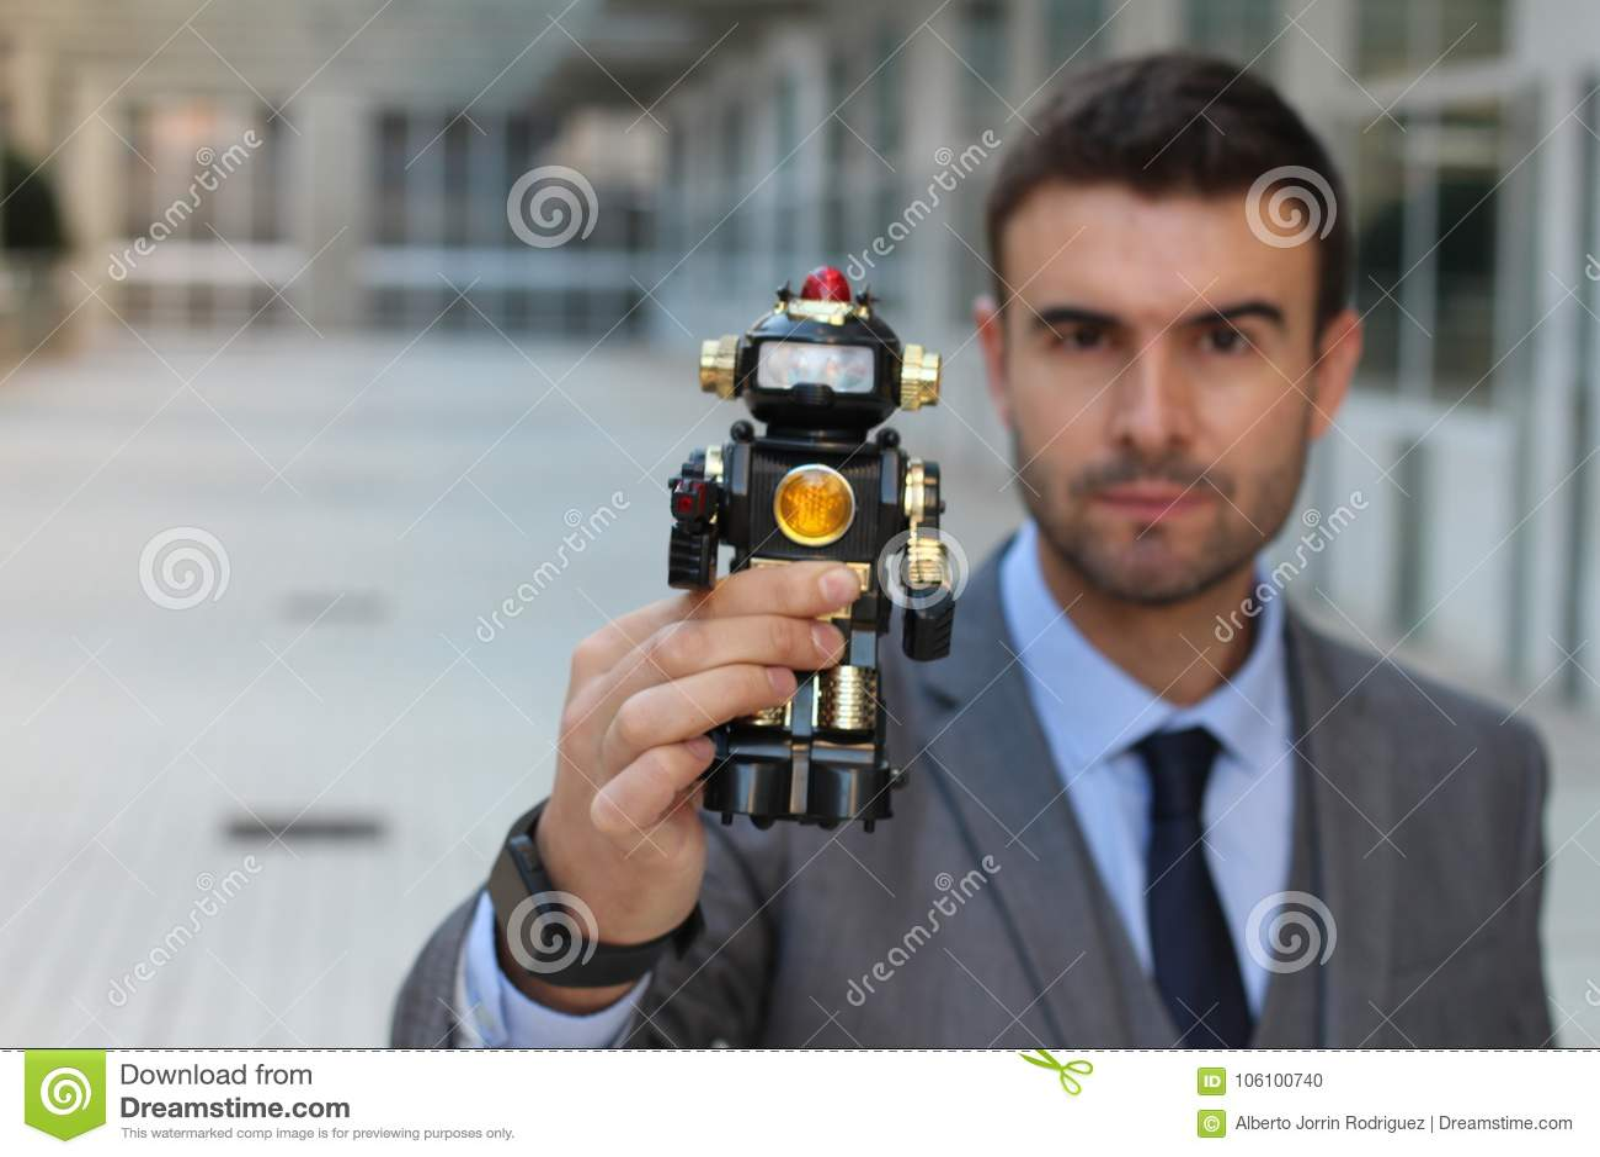 机器人被创造控制和毁坏人类